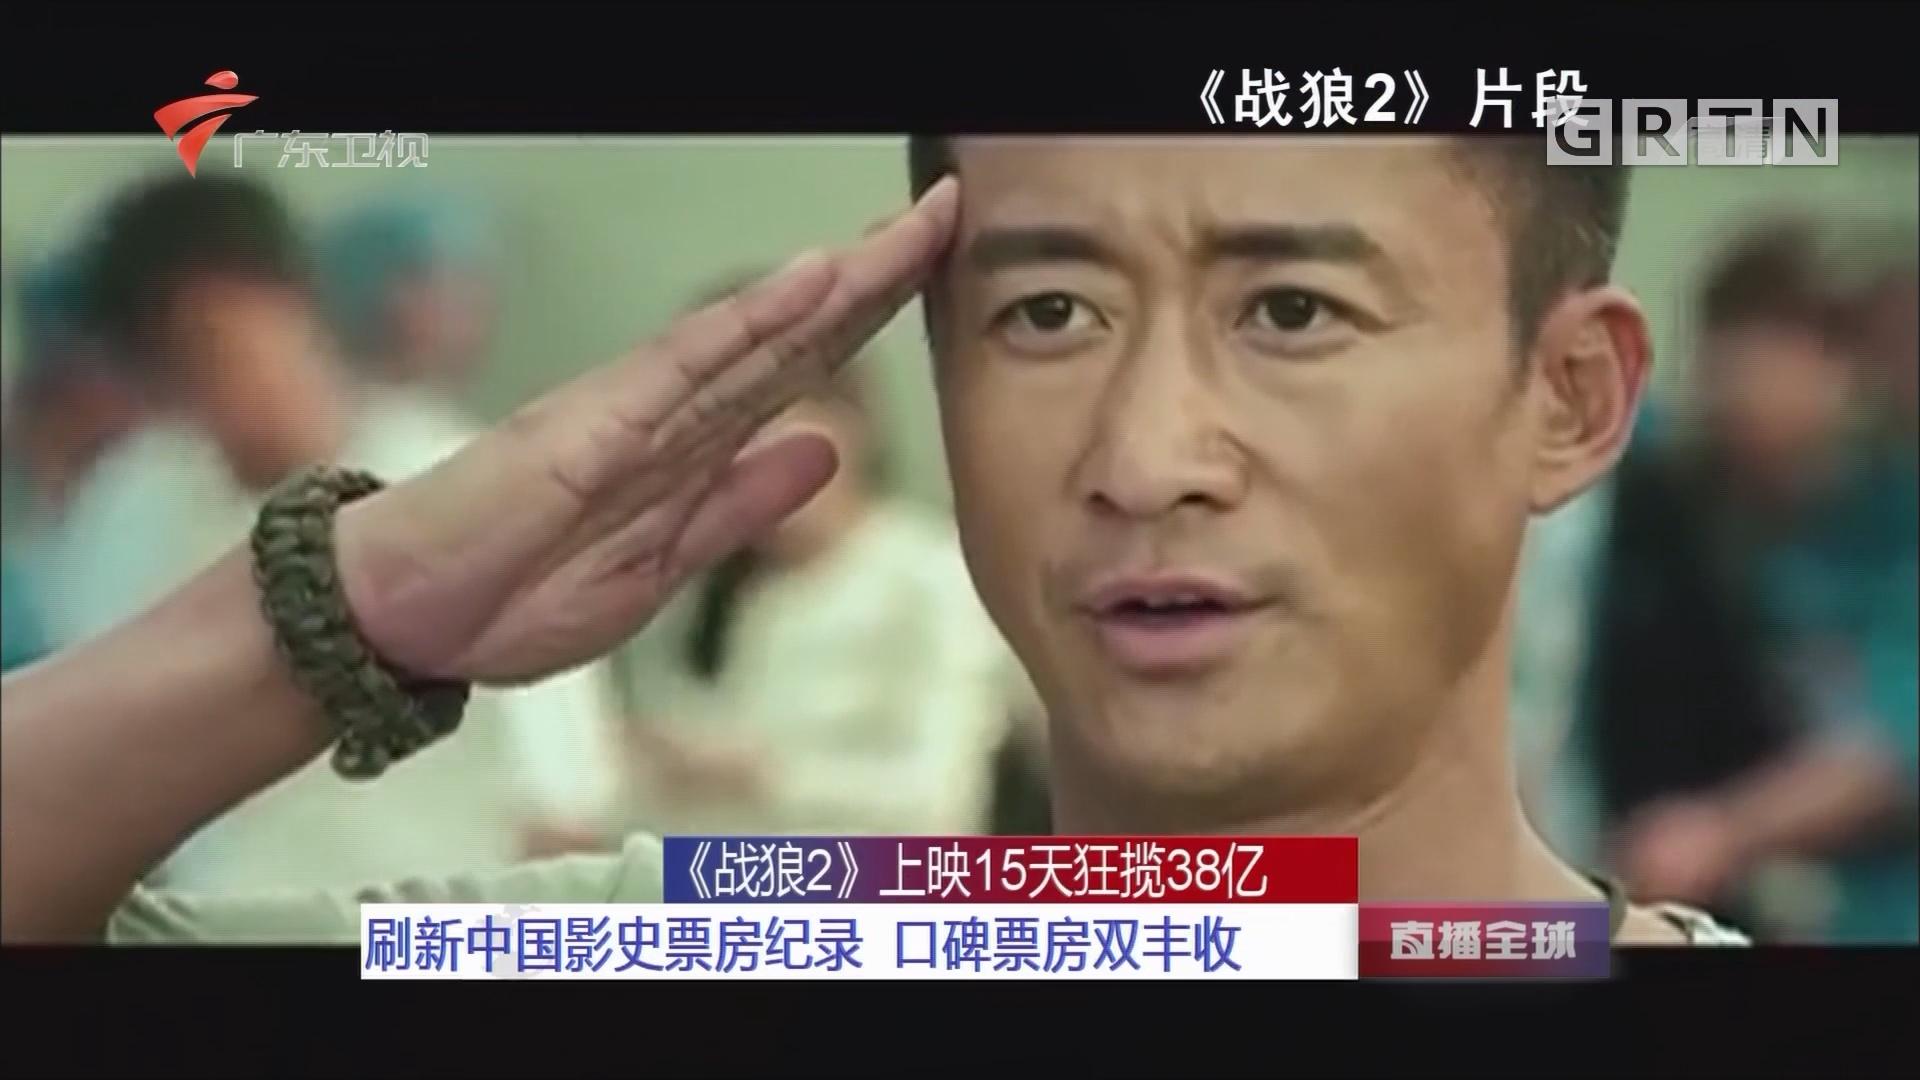 《战狼2》上映15天狂揽38亿:刷新中国影史票房纪录 口碑票房双丰收